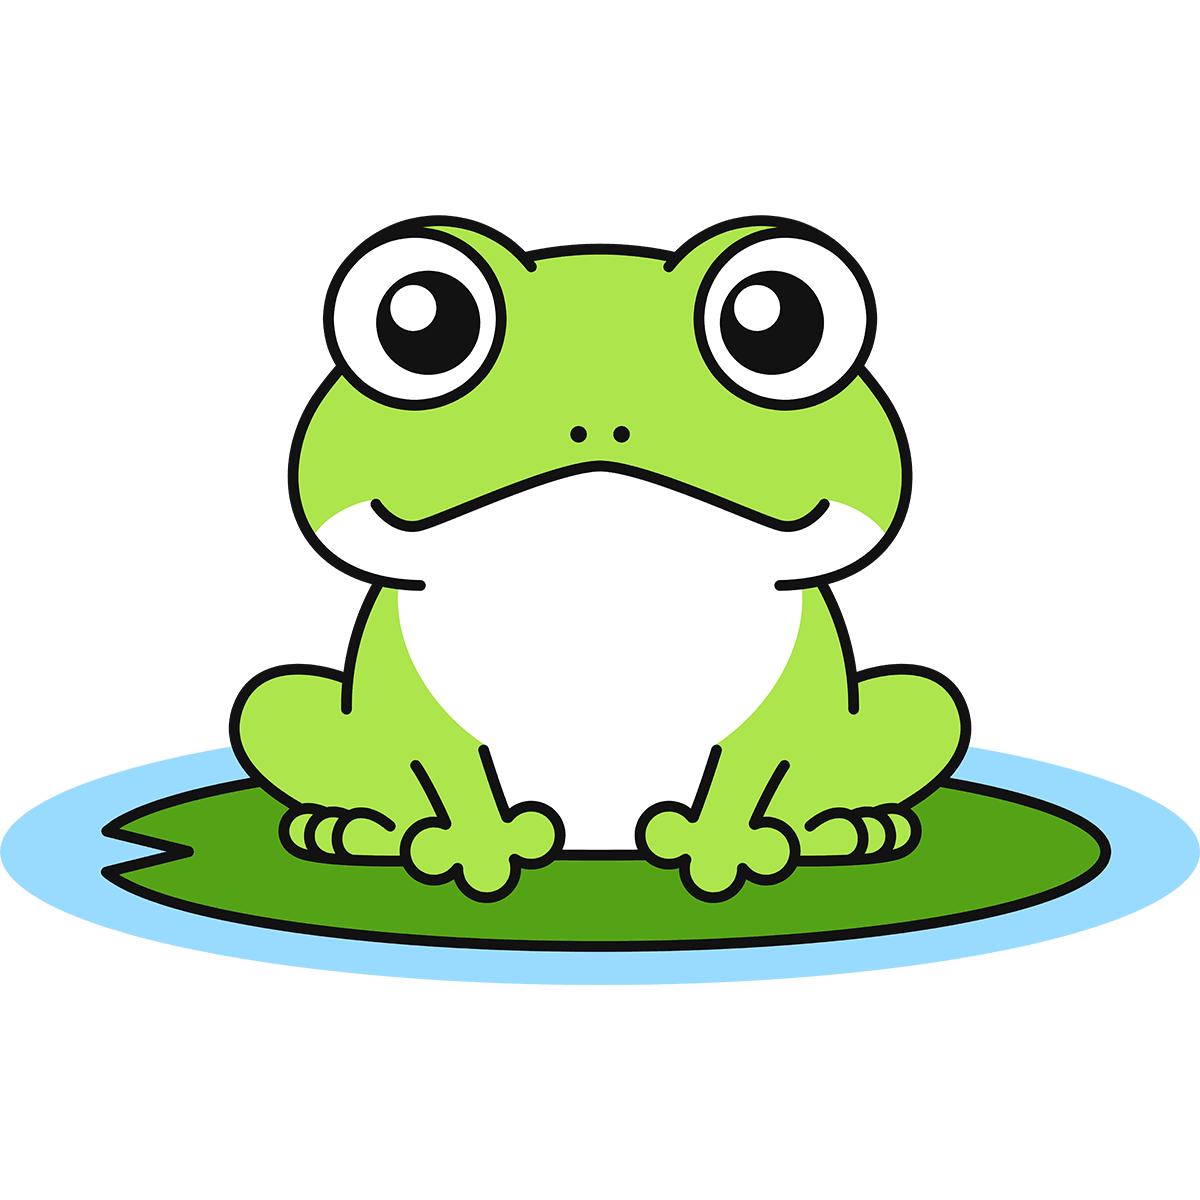 蓮の葉に乗るカエルの無料イラスト